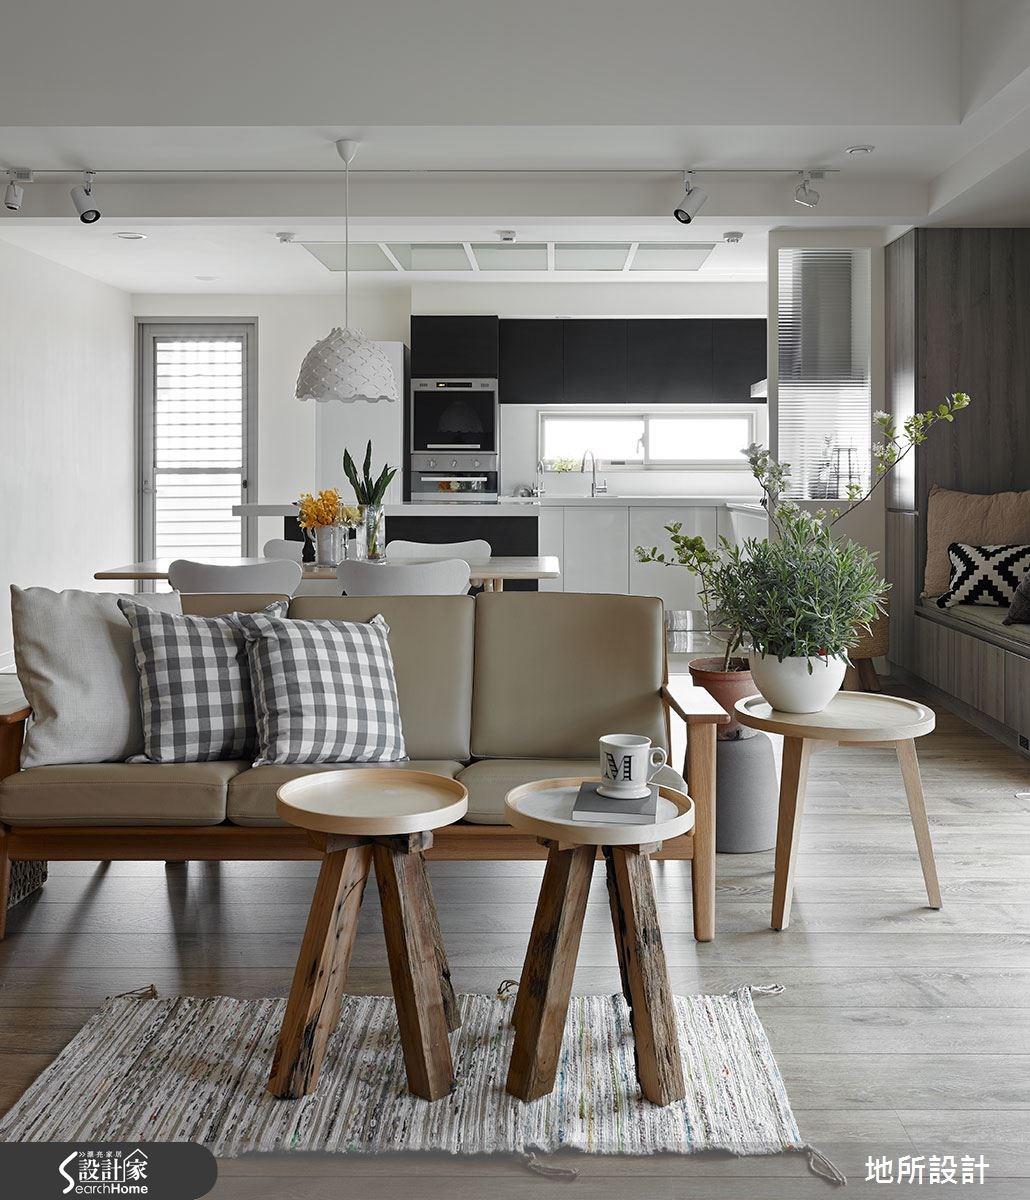 40坪新成屋(5年以下)_混搭風客廳餐廳廚房案例圖片_地所設計有限公司_地所_17之14